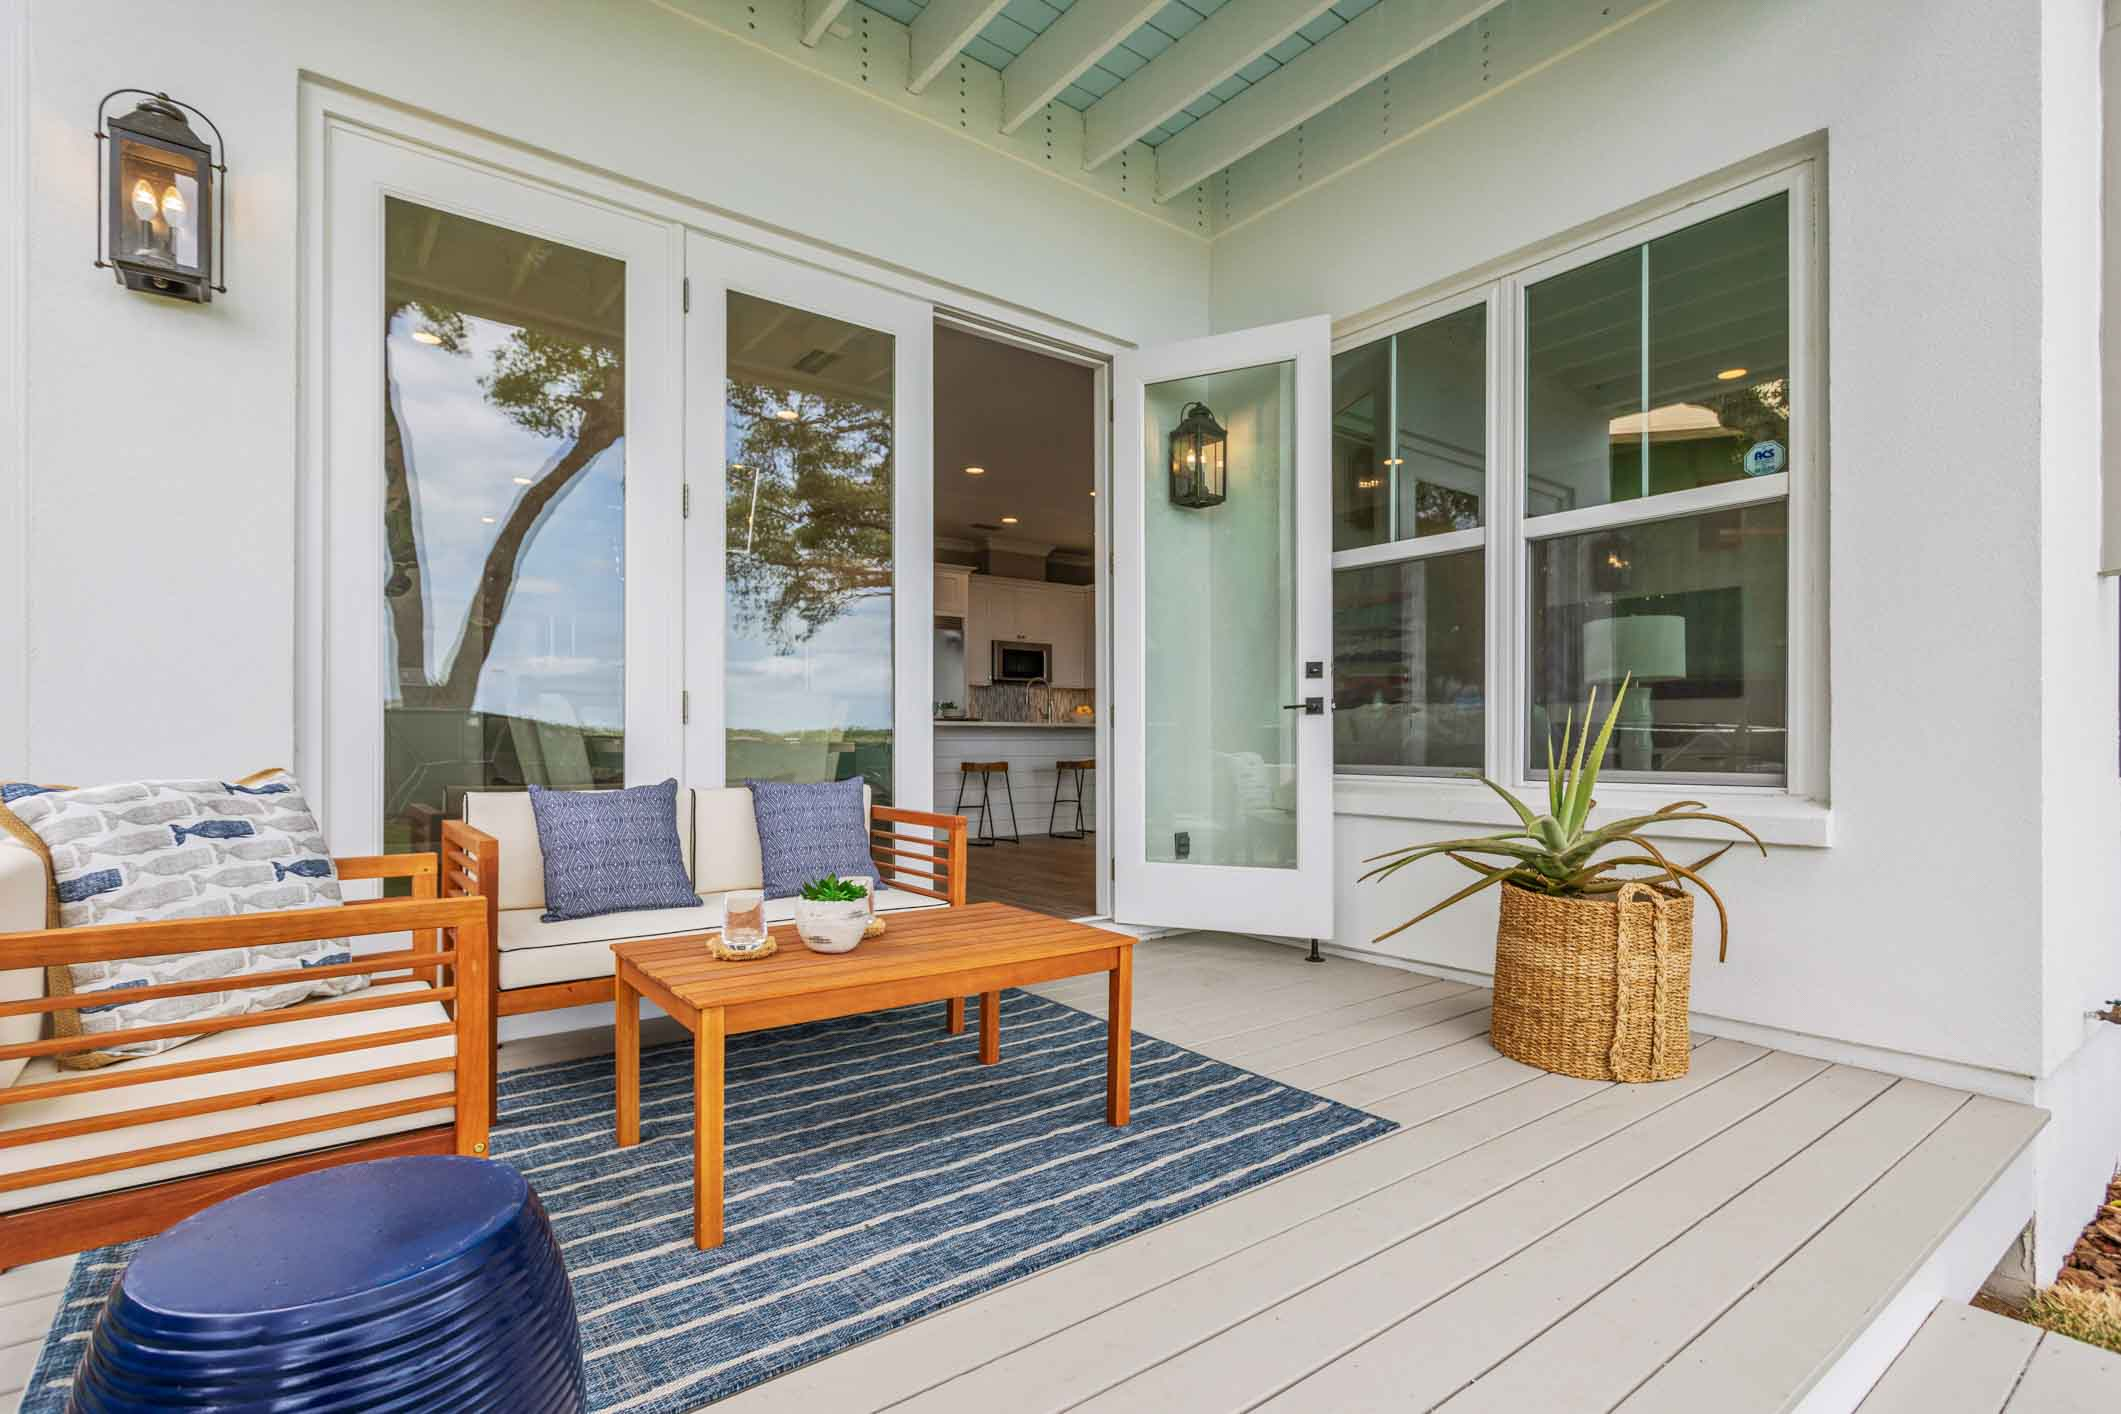 Back porch furniture at a residence at Villa Calissa